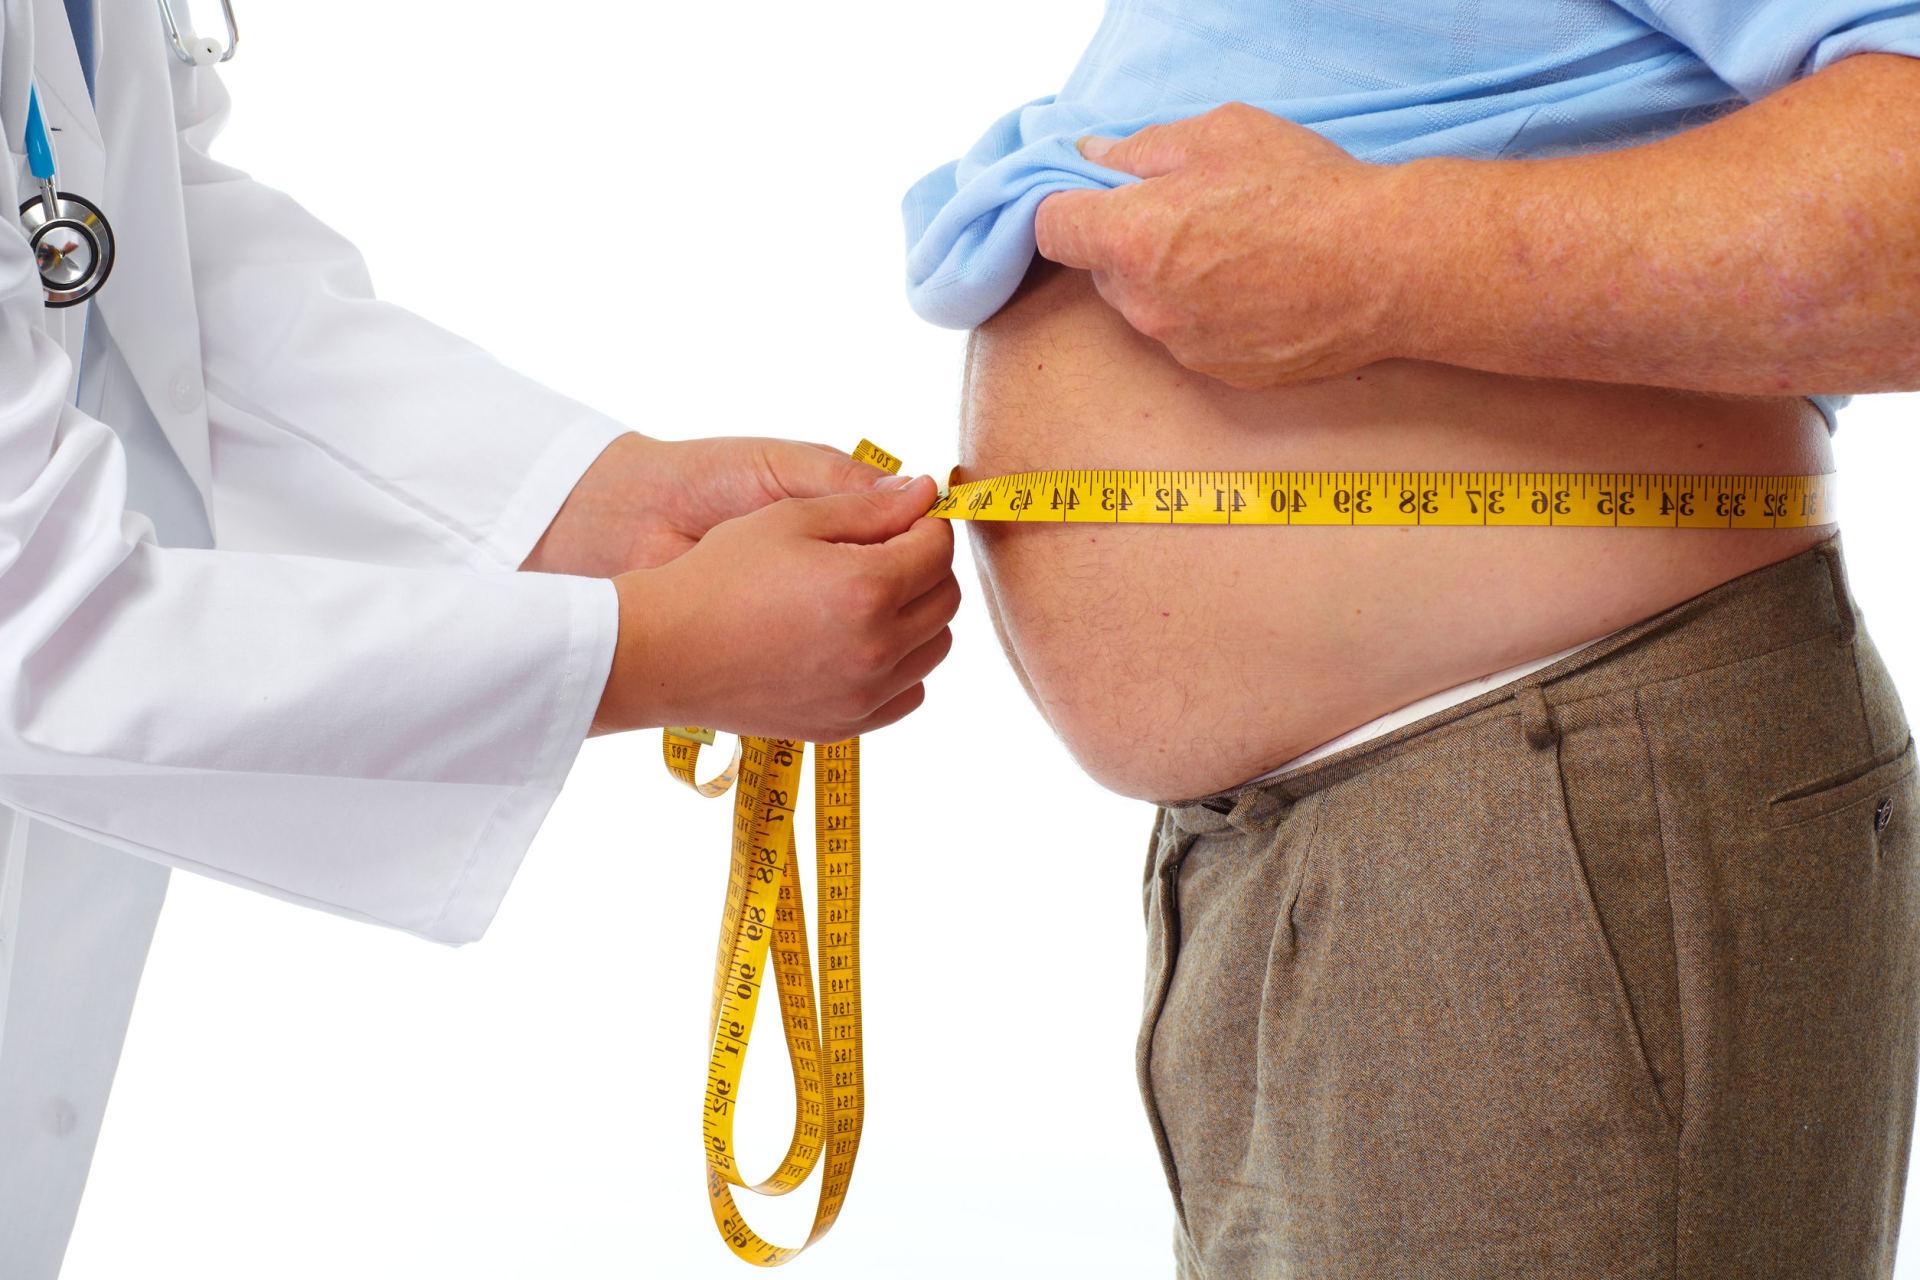 Nutukimas ir nario dydis Zmoniu nario padidejimas